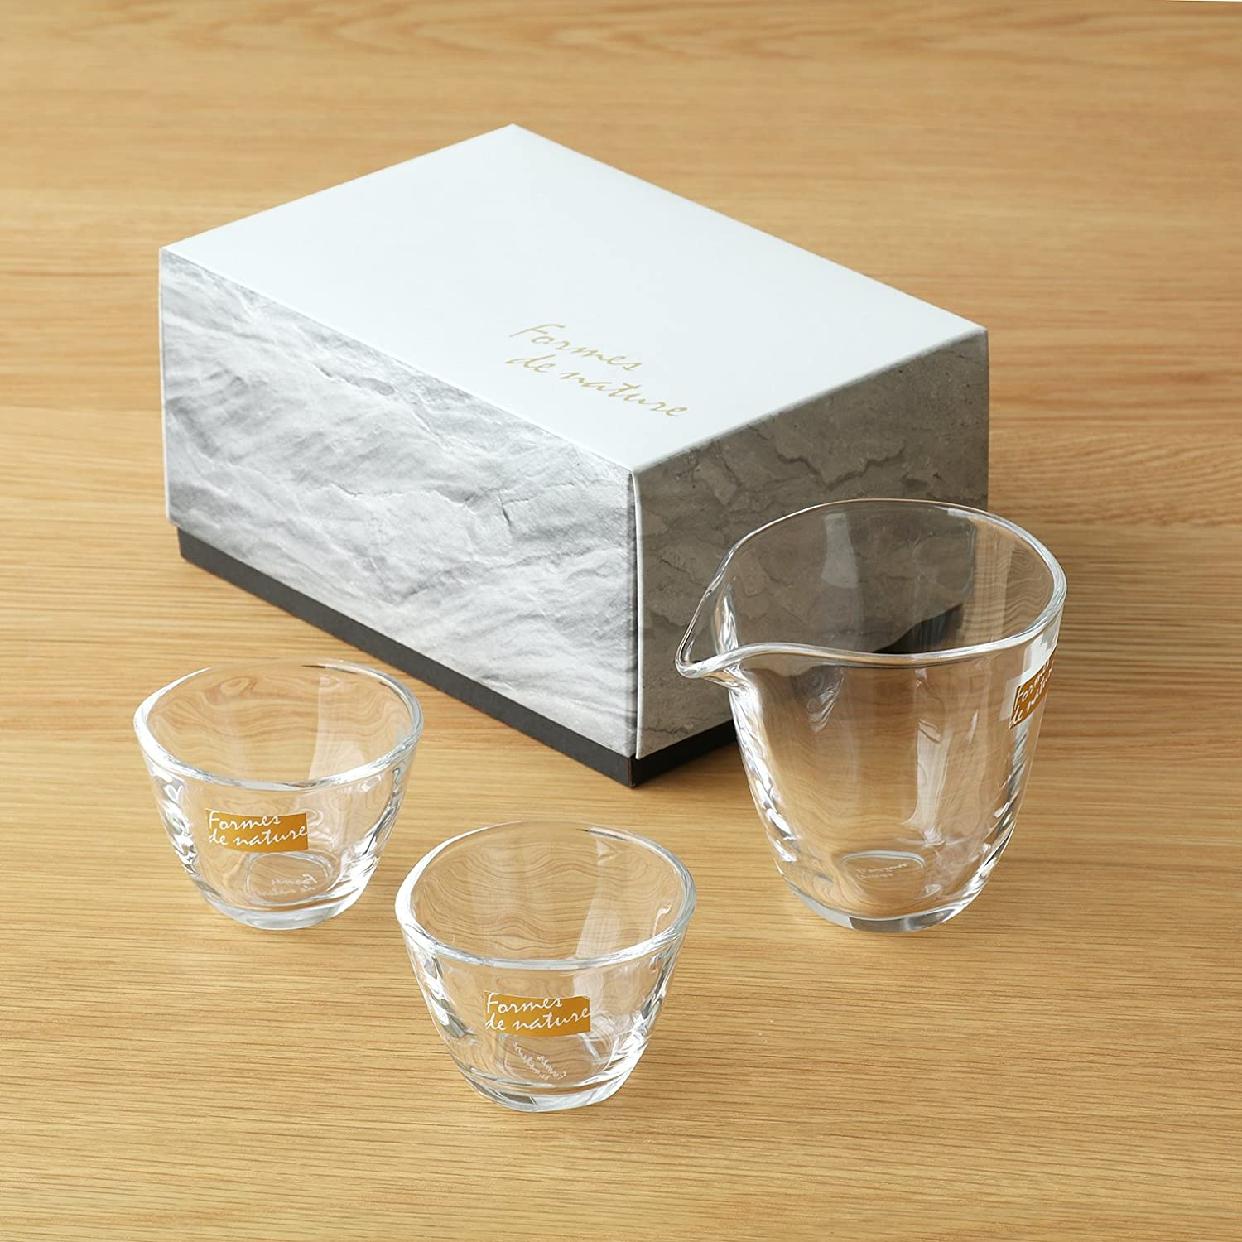 ADERIA(アデリア)Formes de nature 片口冷酒器 S-6202の商品画像3